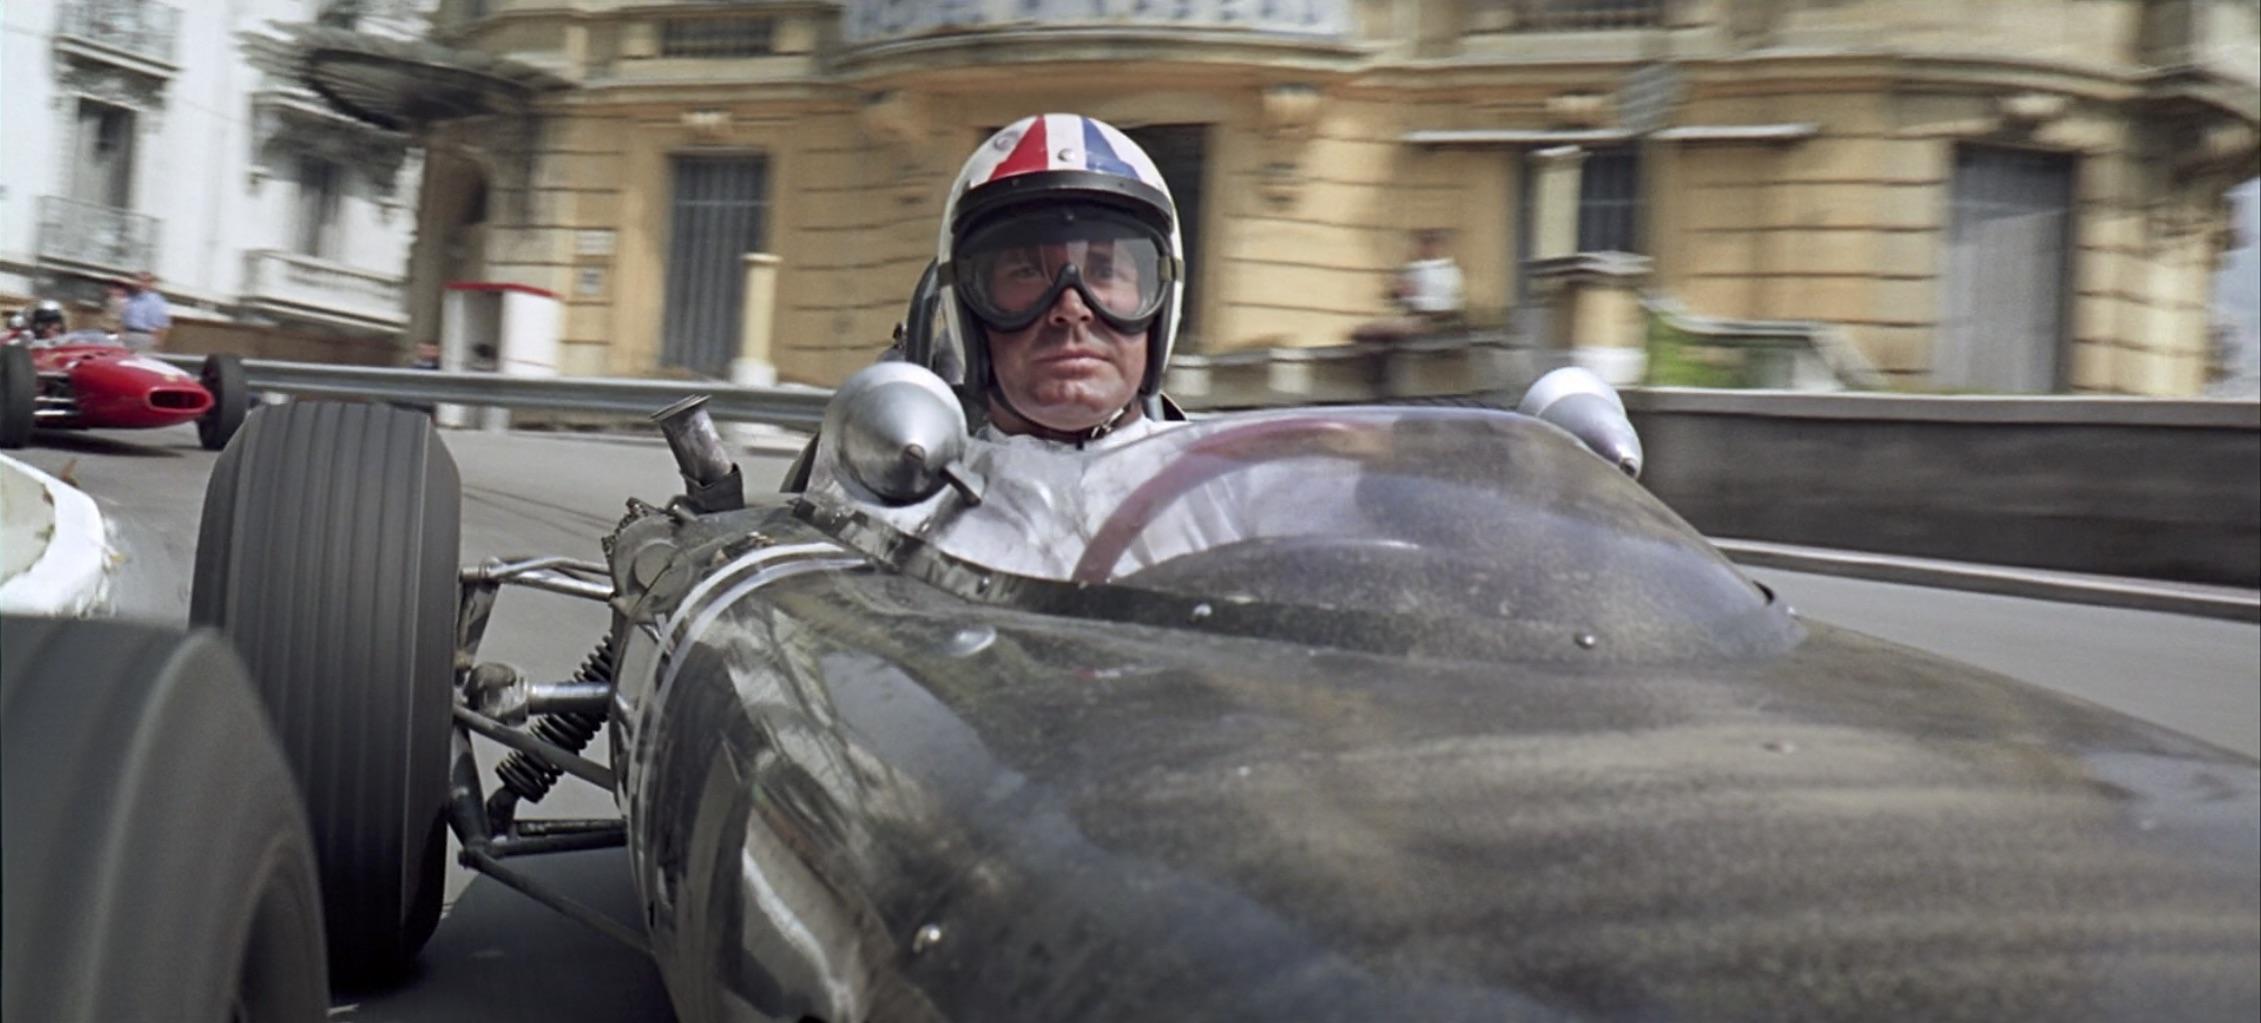 Grand Prix Monaco streets